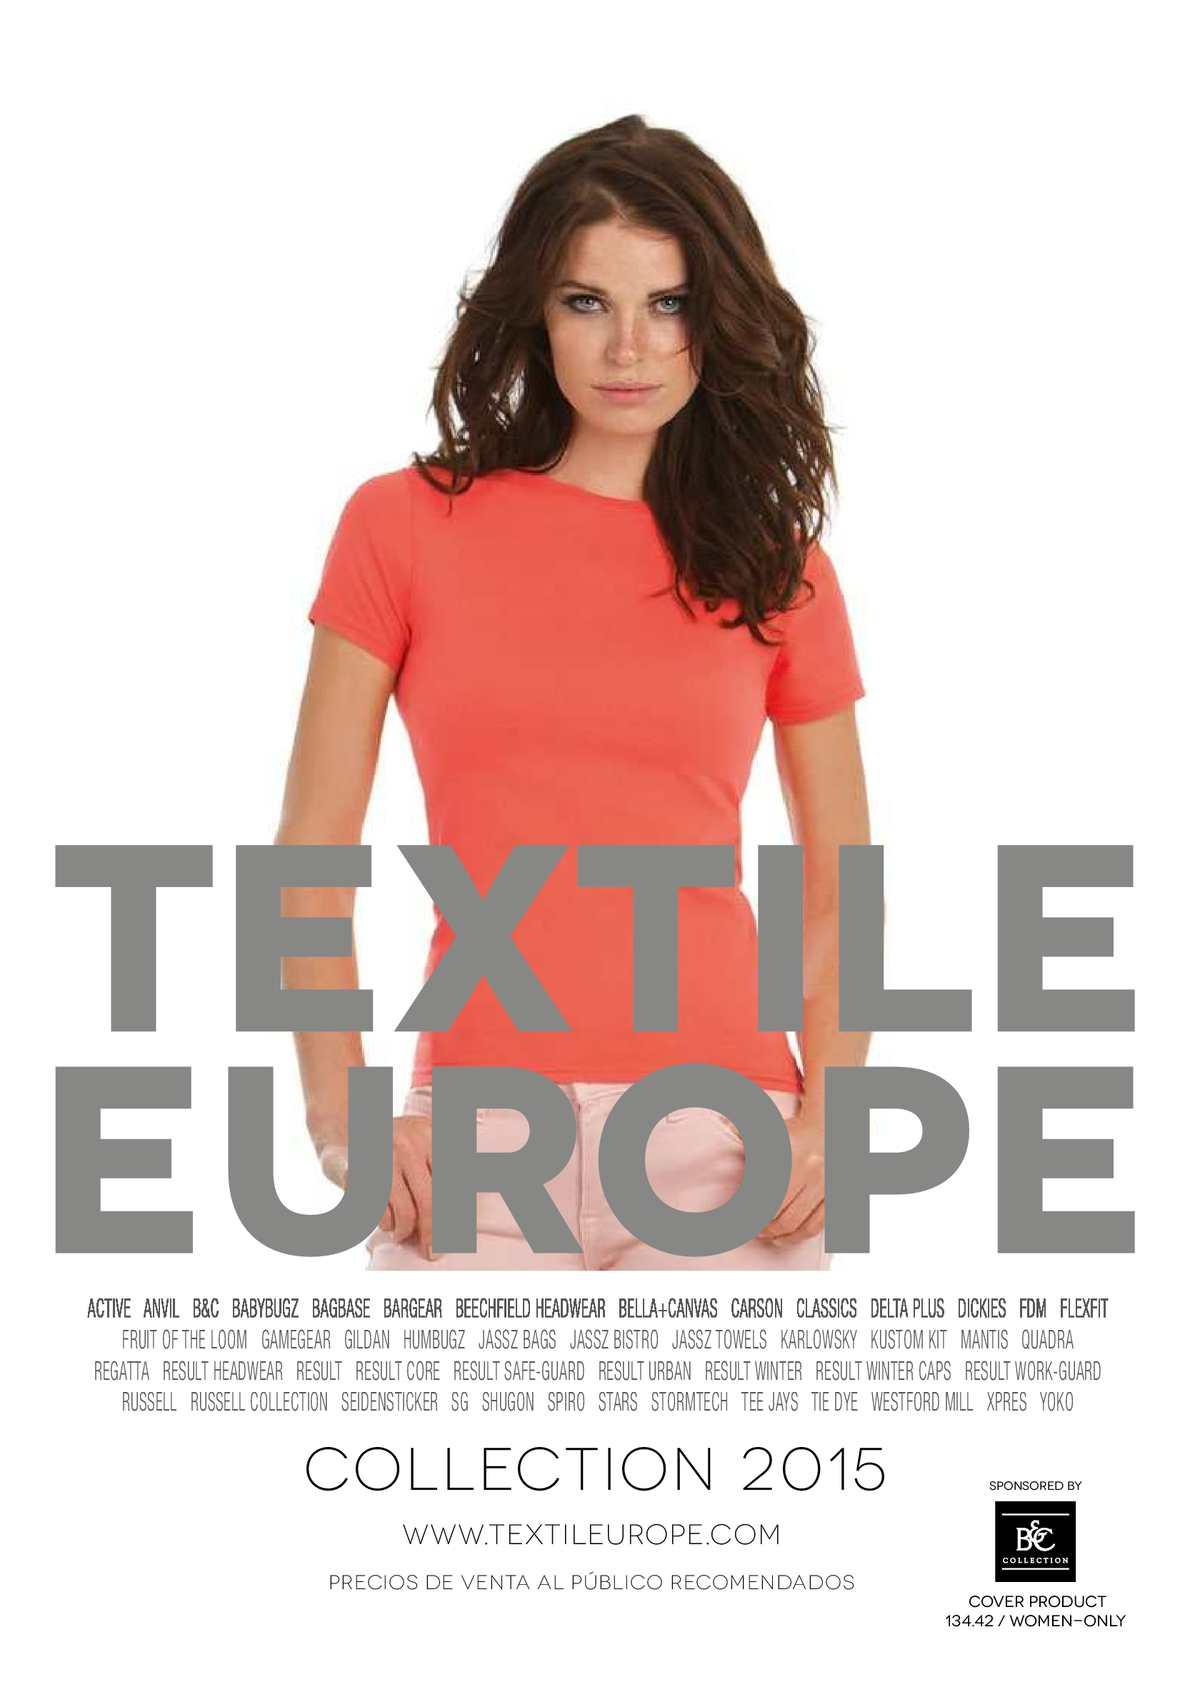 f8d9581a9 Calaméo - Textile Europe Parte 1